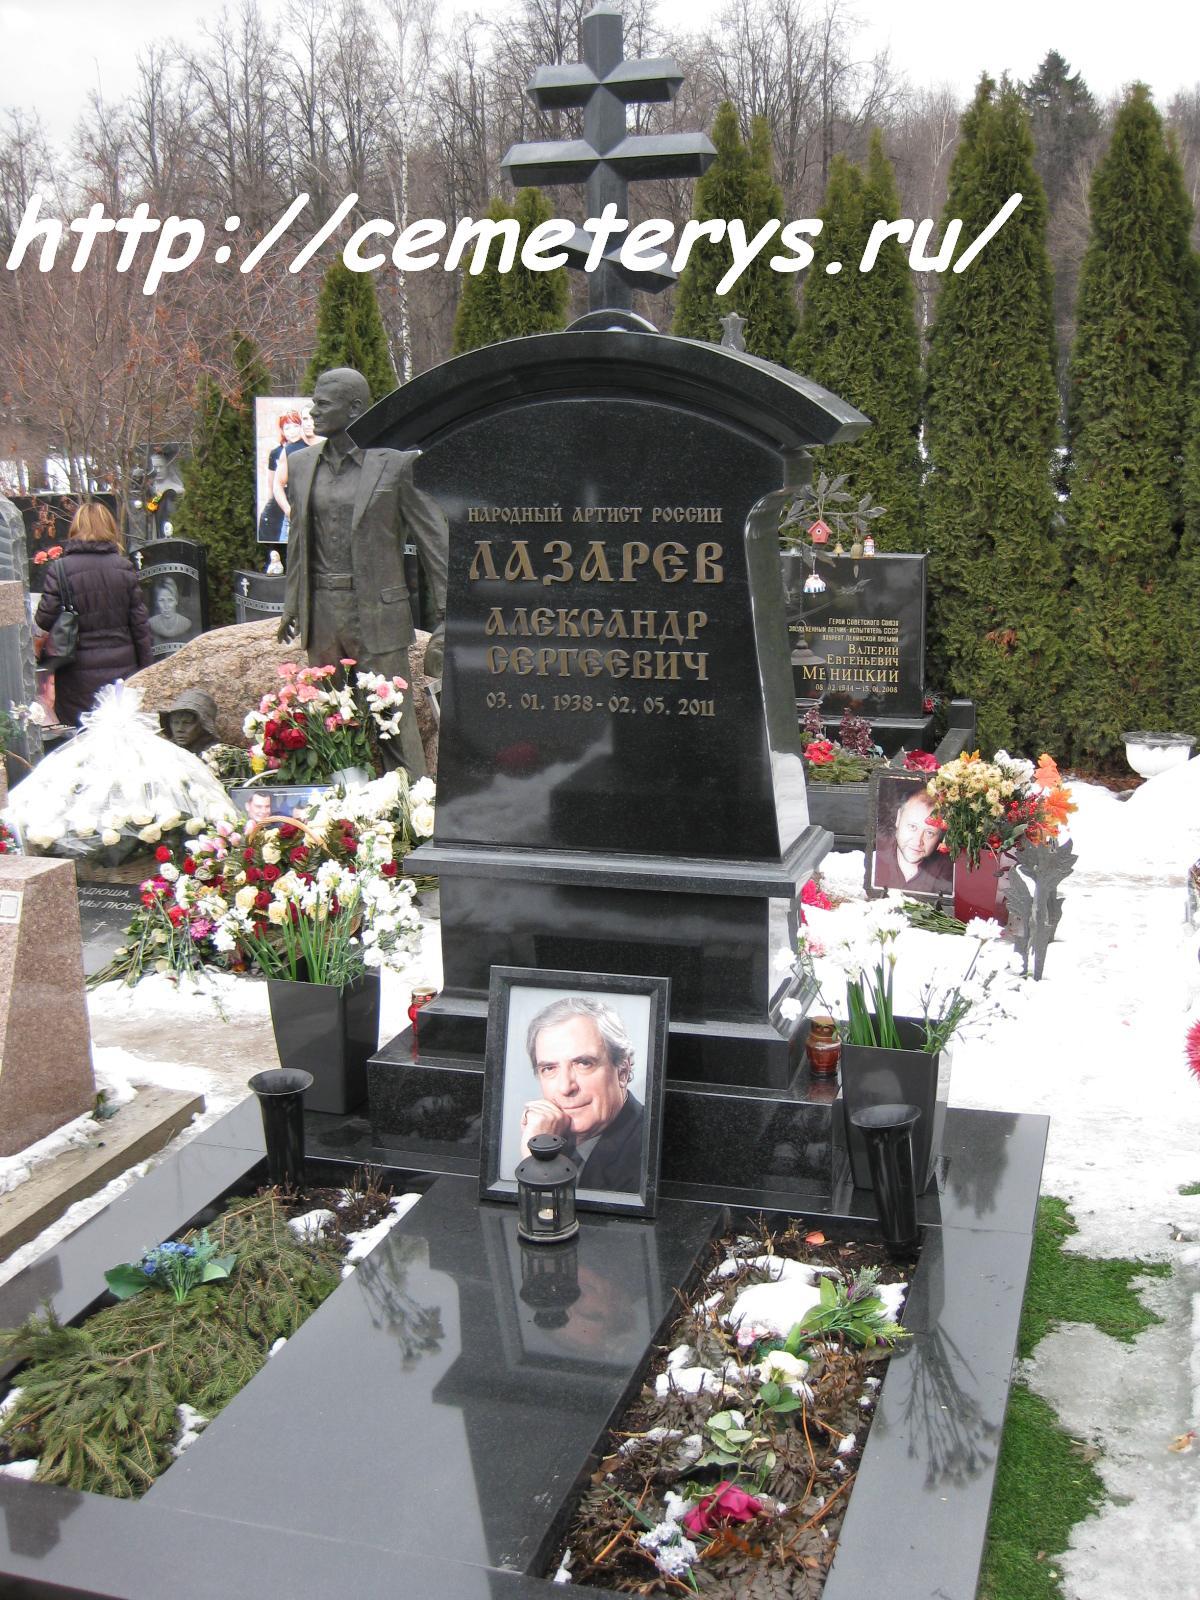 могила Александра Лазарева ( старшего ) на Троекуровском кладбище в Москве  (фото Дмитрия Кондратьева)